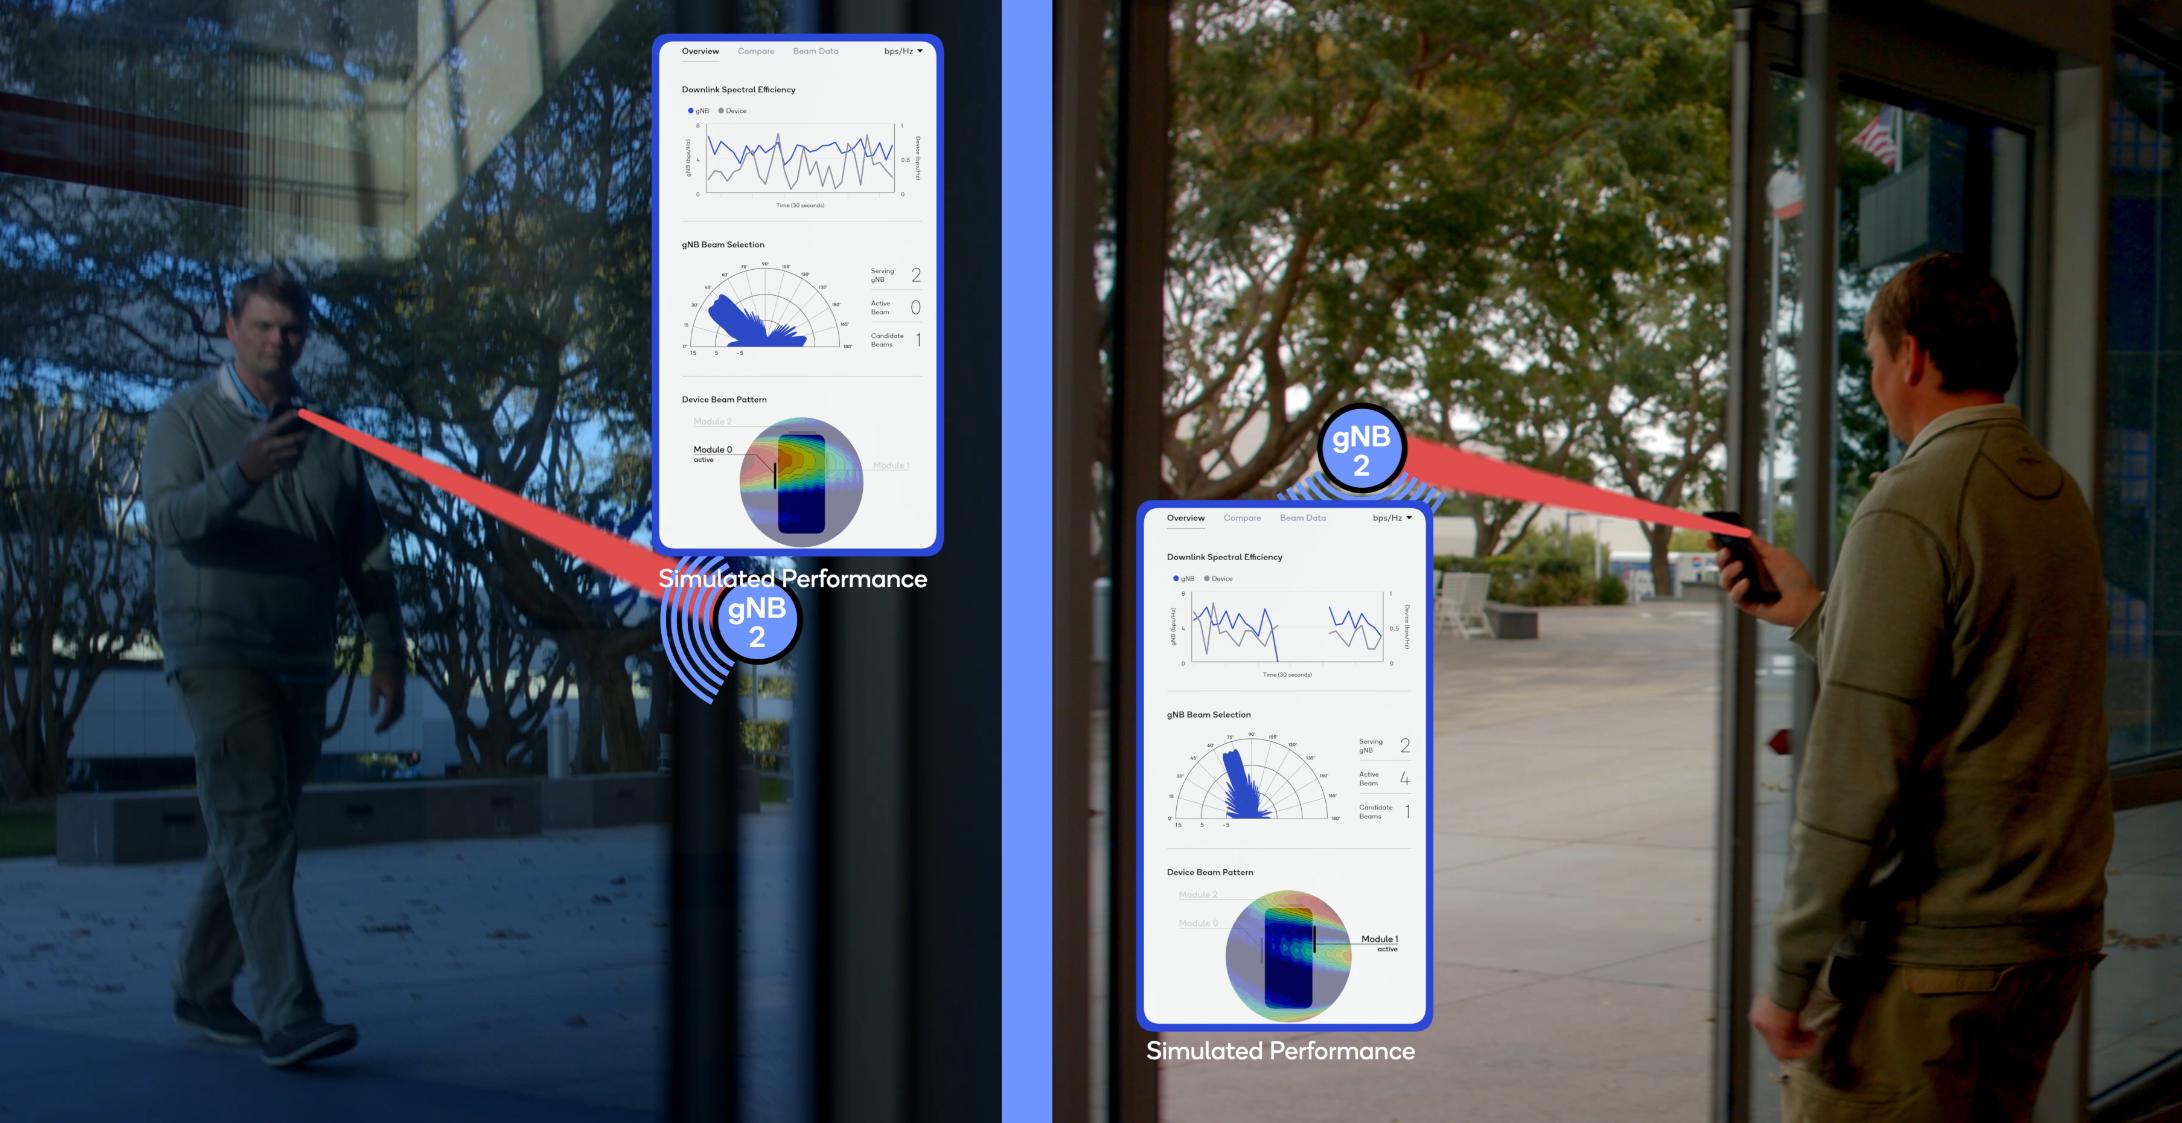 Разбираемся, как 5G будет работать в миллиметровом диапазоне на улице и в помещениях - 12